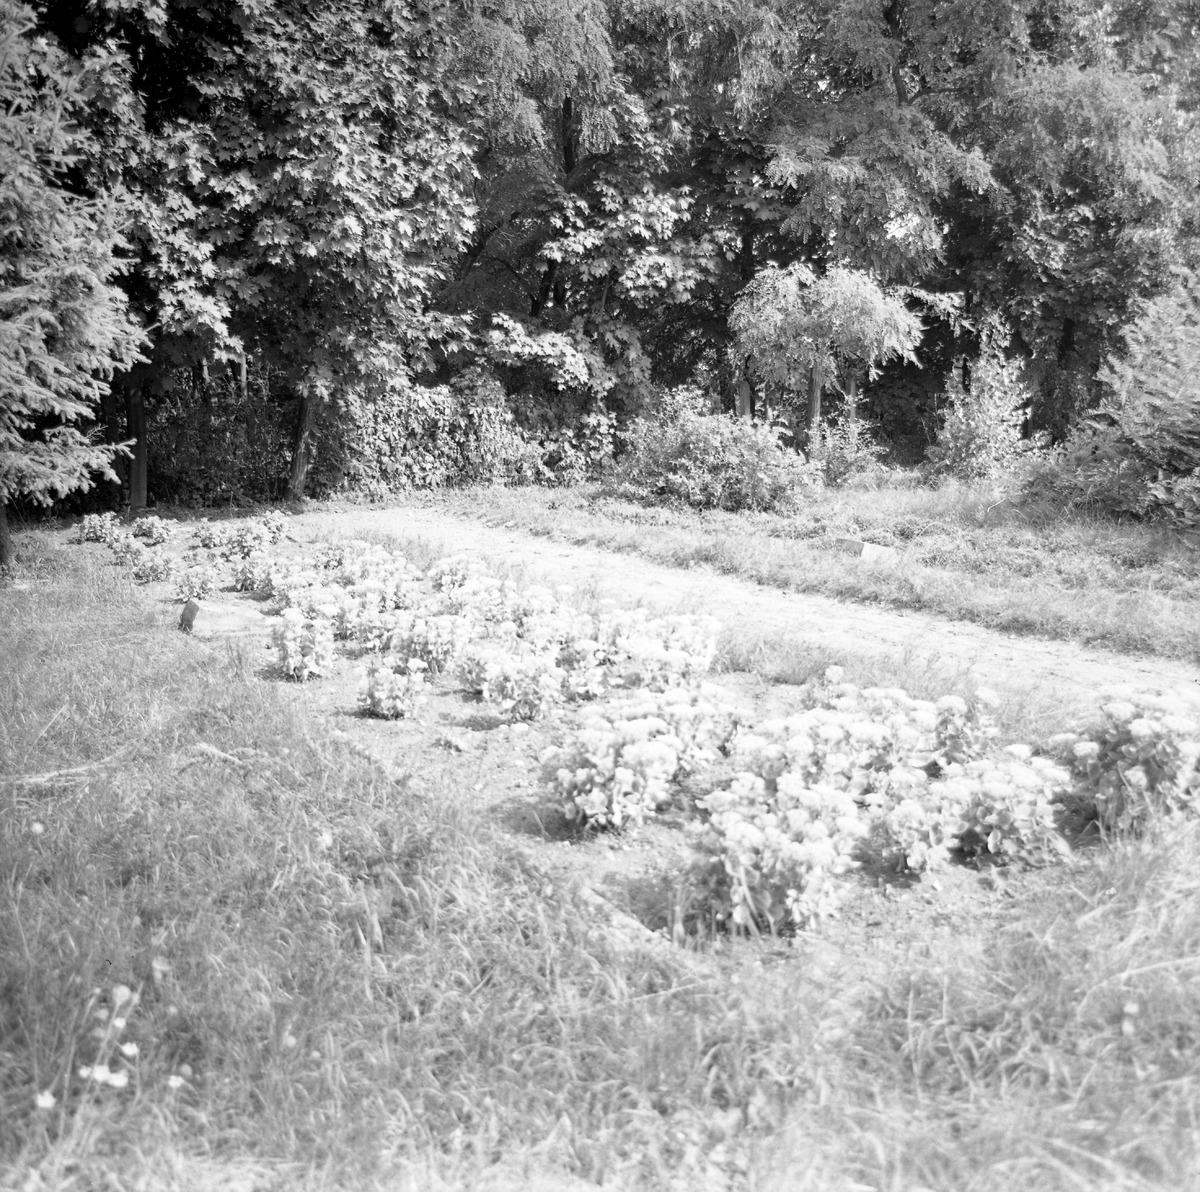 Cmentarz wojenny żołnierzy radzieckich [4]